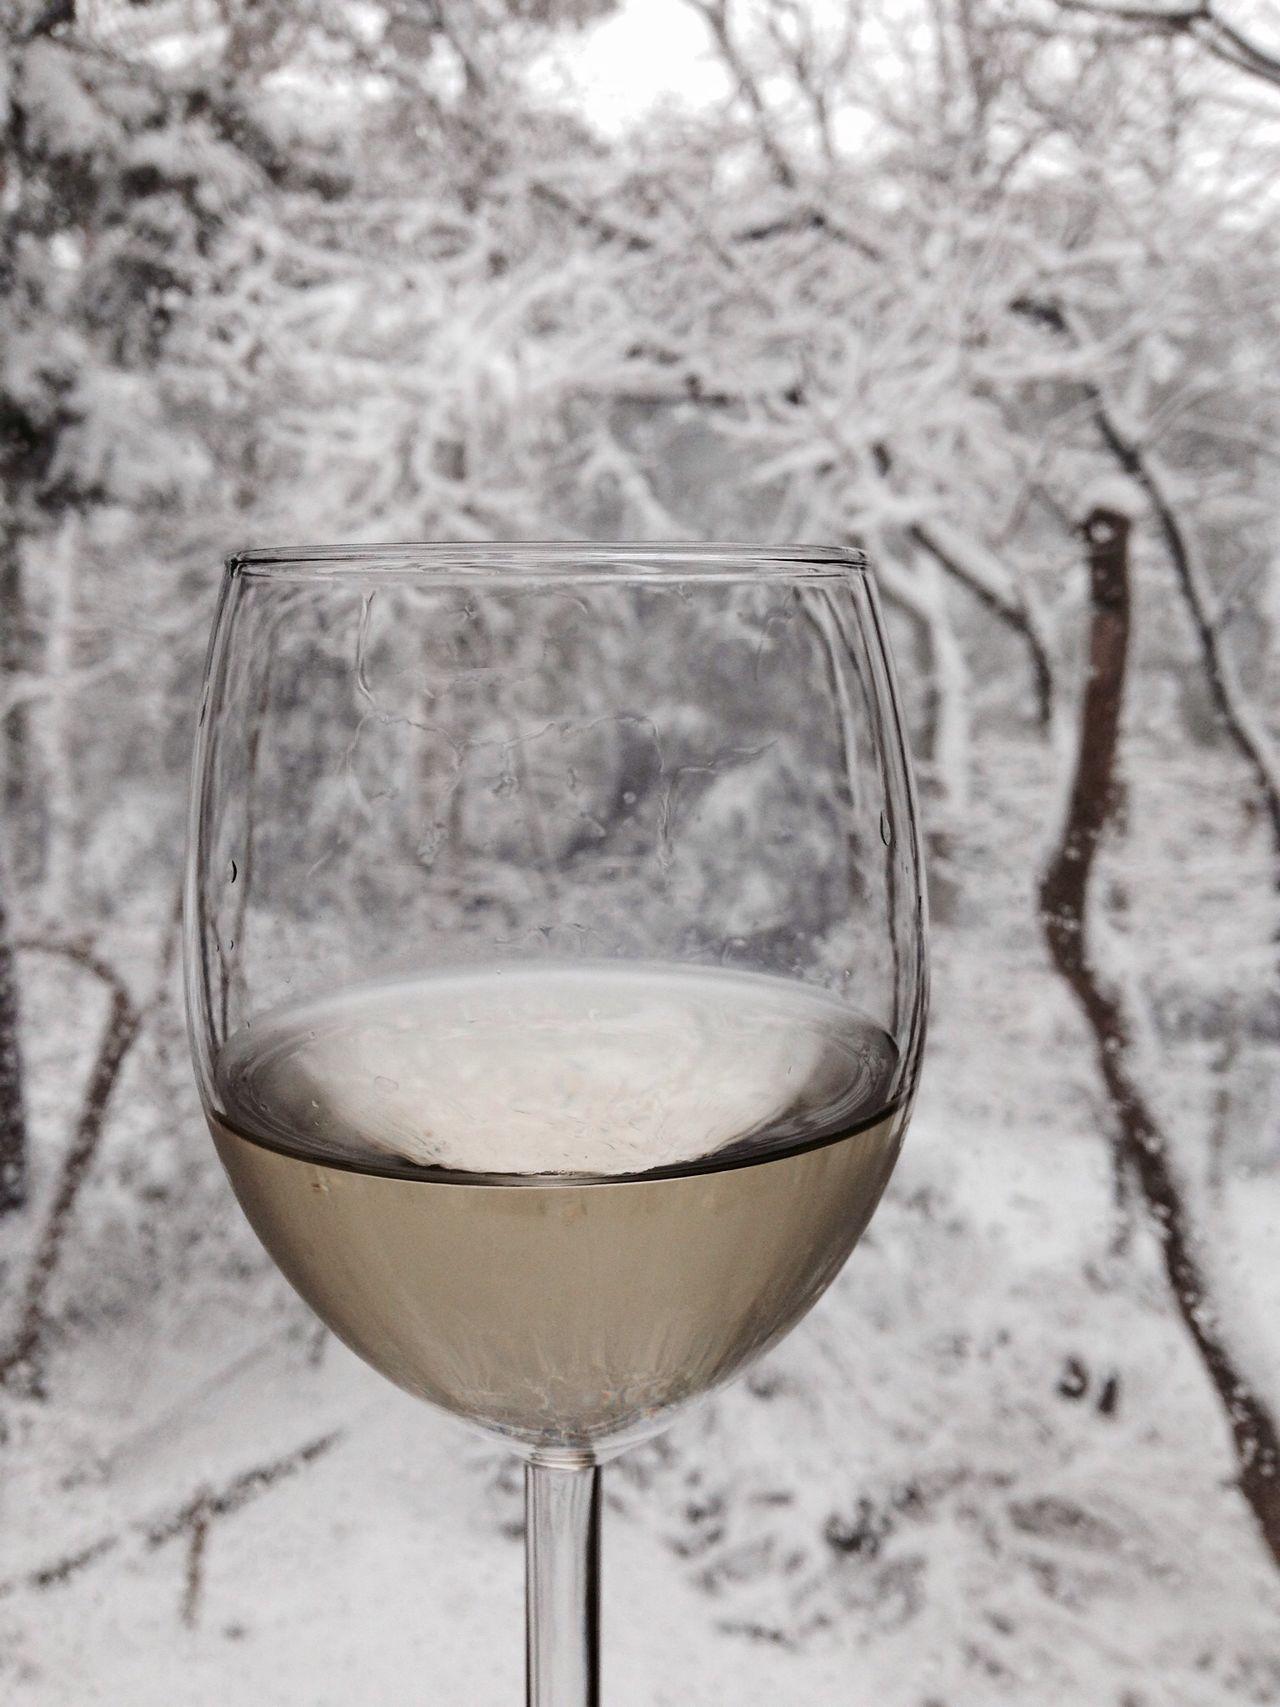 雪見wine♪ Snow Wine IPhoneography